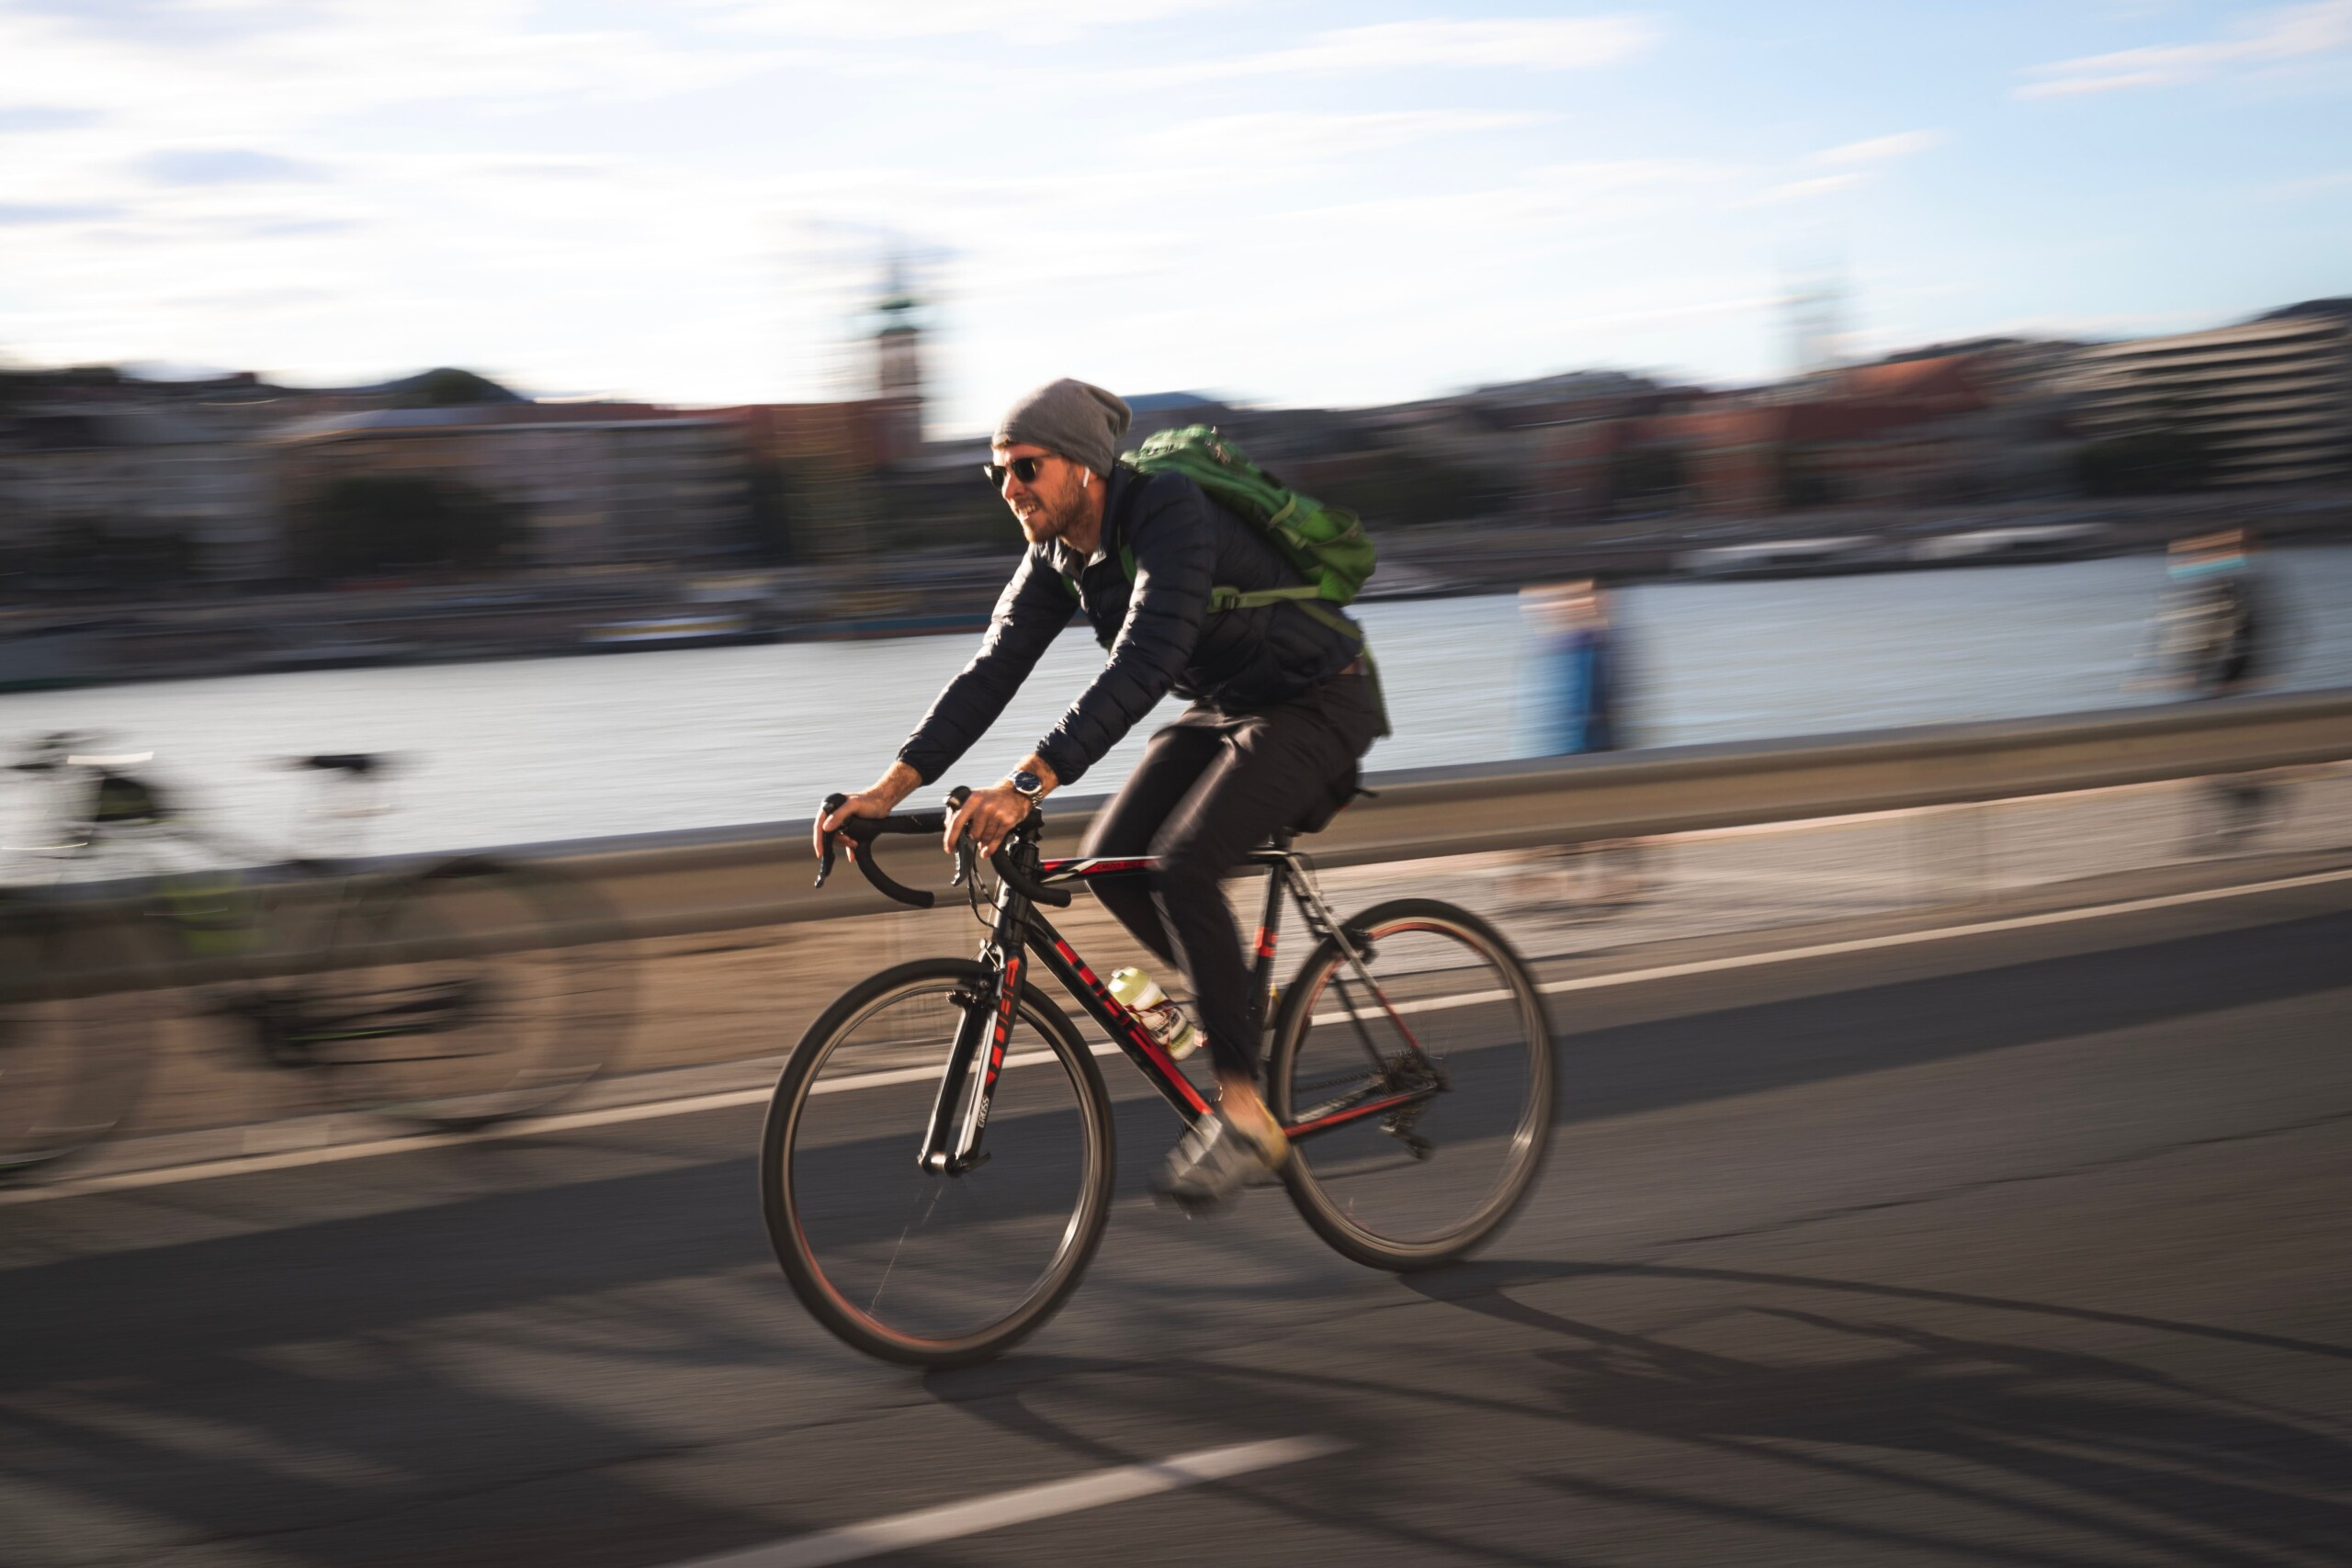 In der Stadt ist das Fahrrad in der Regel am schnellsten